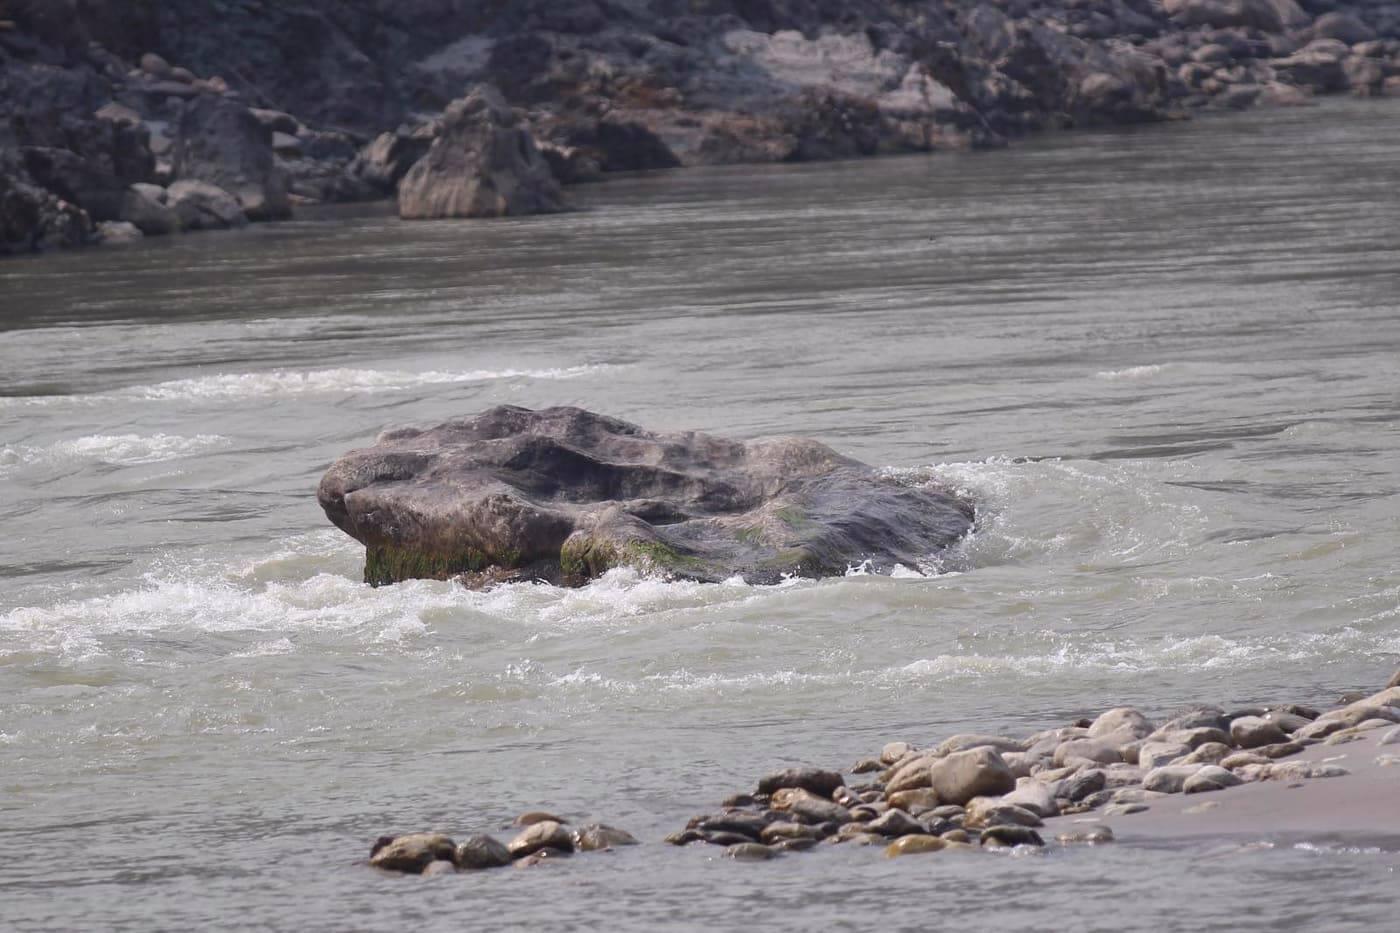 खुवालङ फुटाउने सम्बन्धमा संघ र प्रदेशले कुनै निर्णय गरेको छैन : मुख्यमन्त्री राई